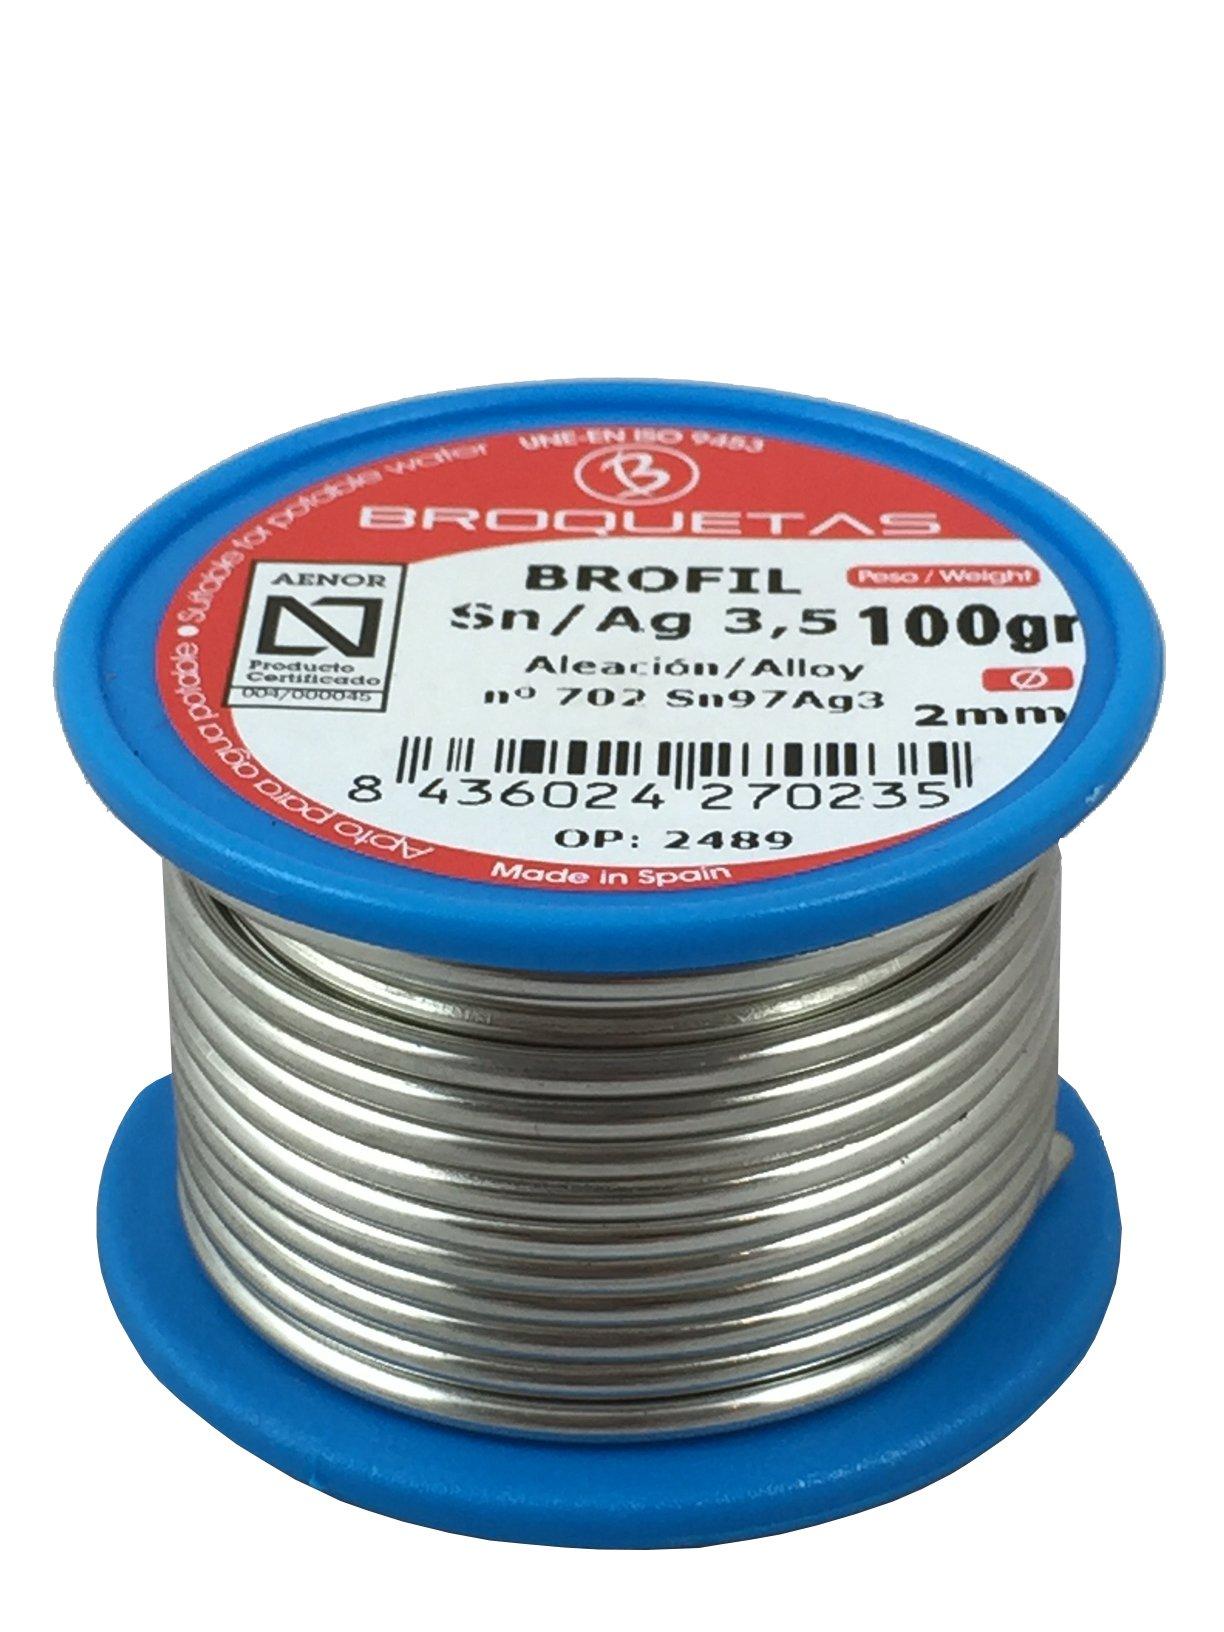 Brofil Hilo estaño Plata 3.5 Sn AG 100g Carrete